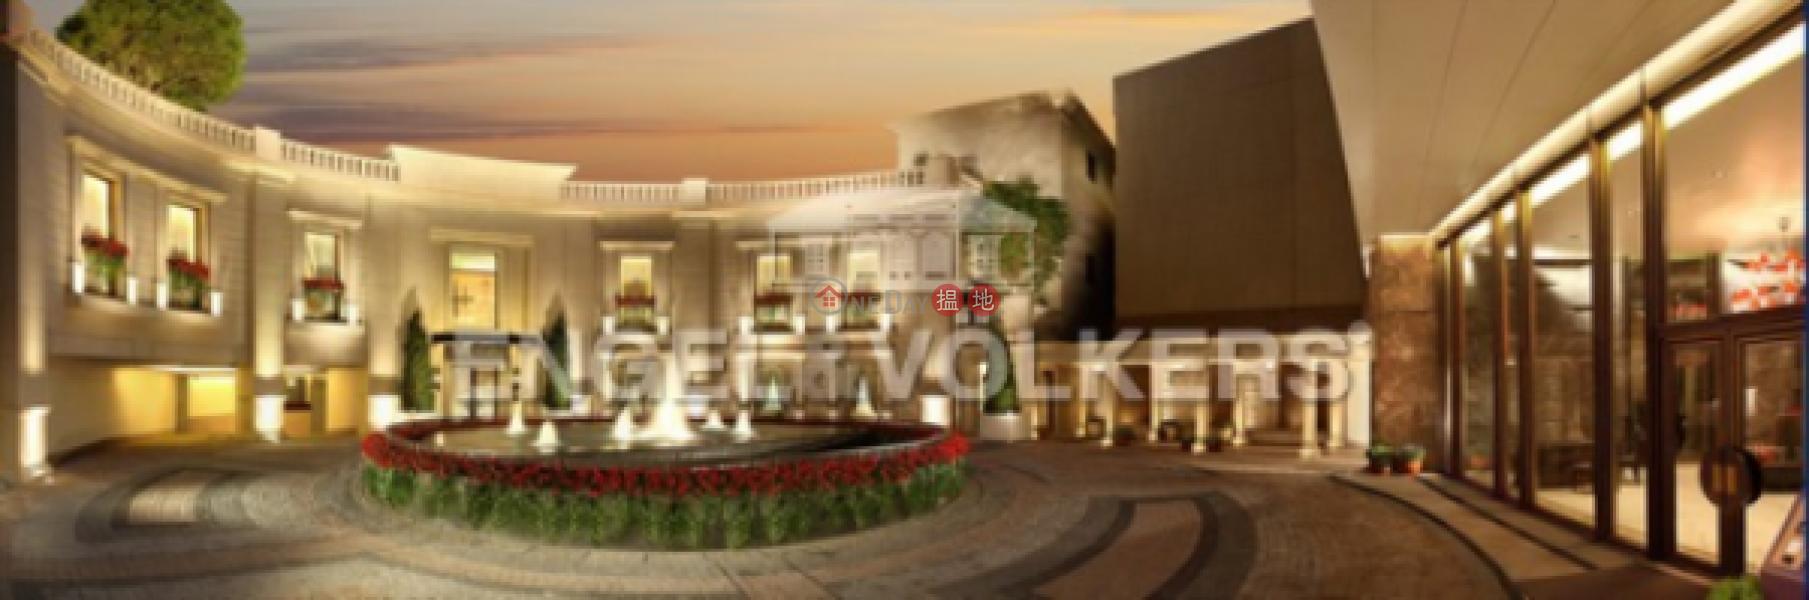 懿峰-請選擇|住宅出售樓盤-HK$ 4,800萬